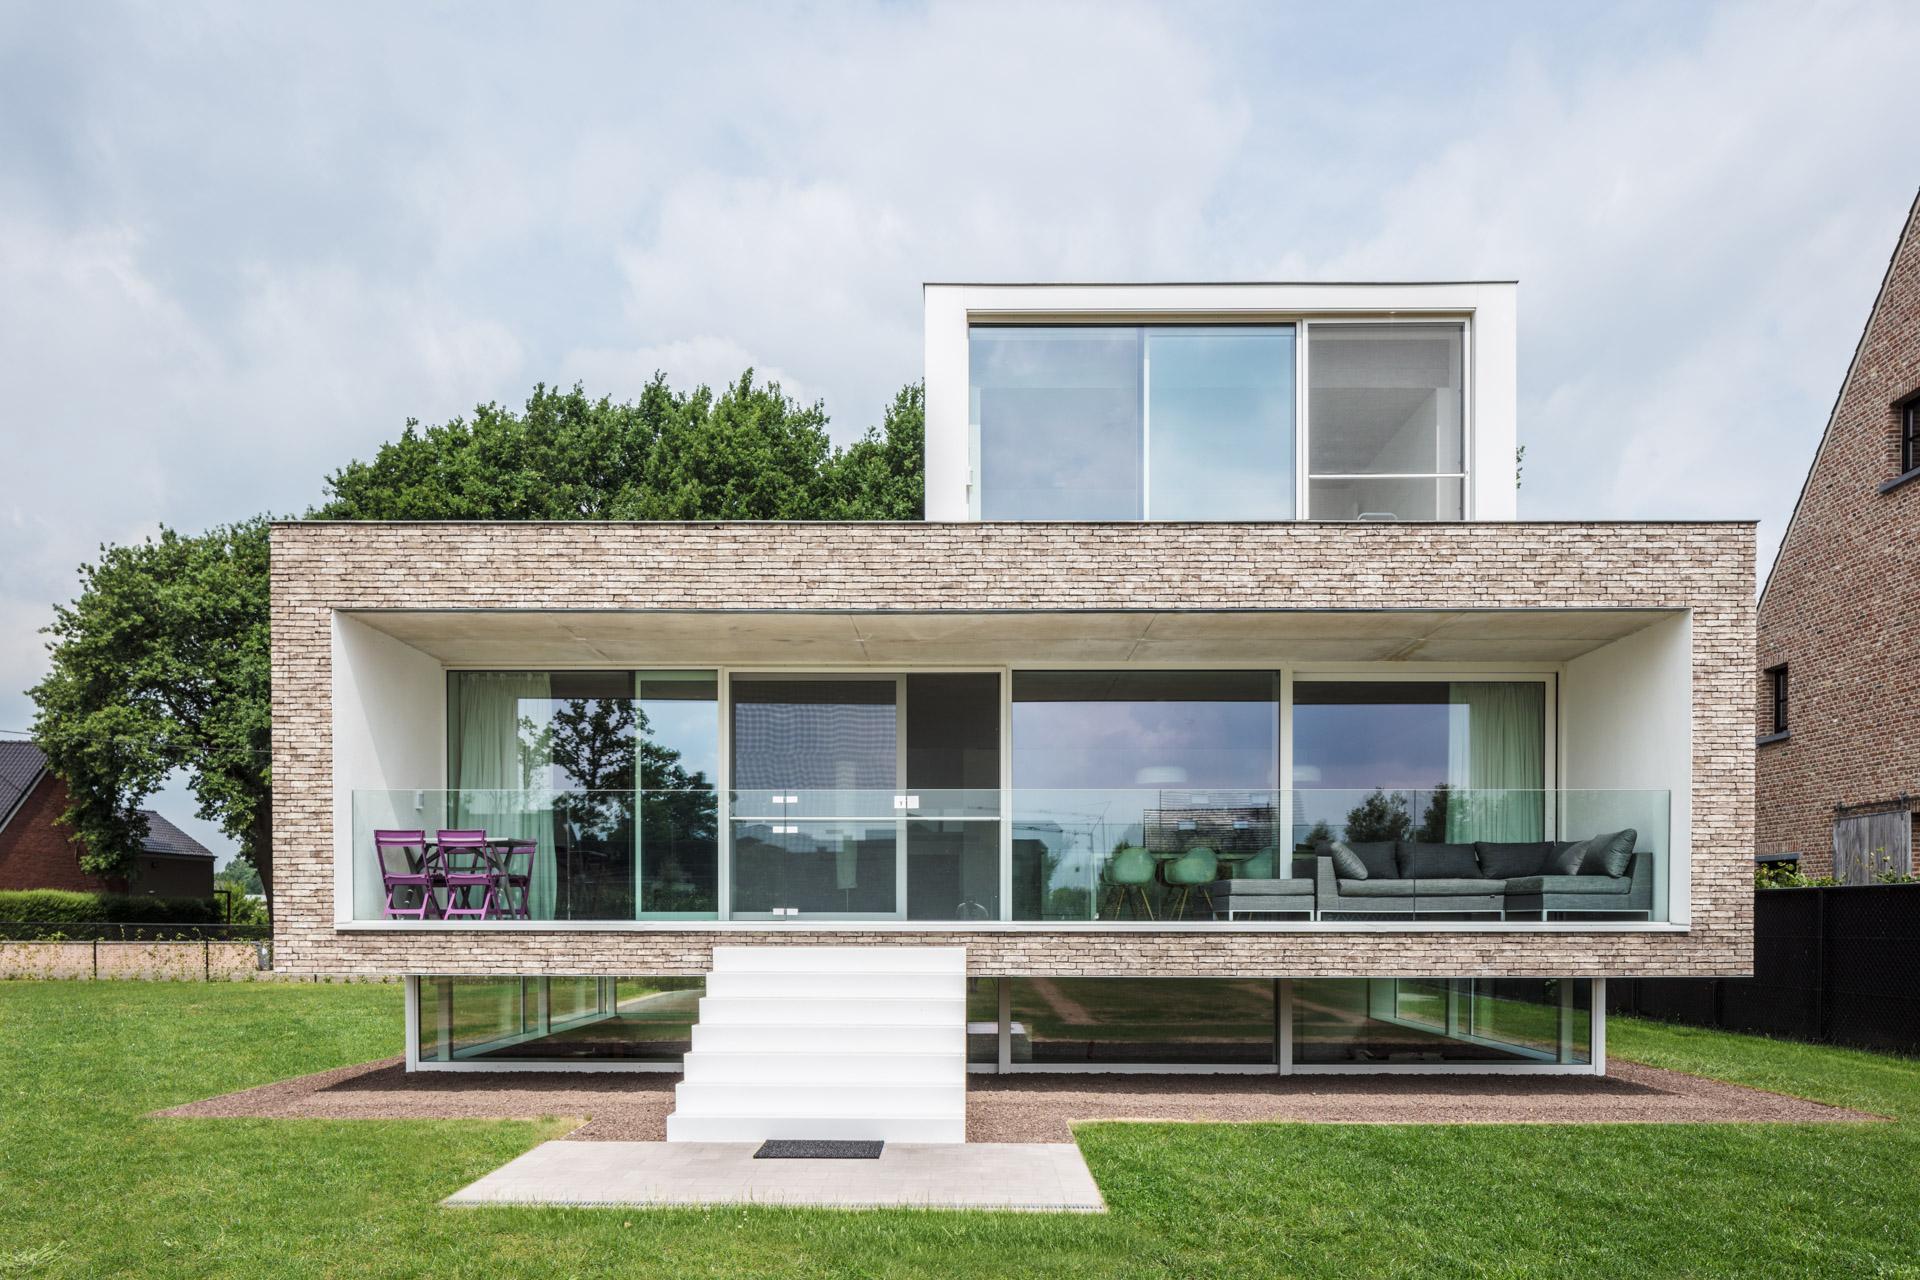 Rijkevorsel | exterieur van moderne woning die schijnbaar zweeft